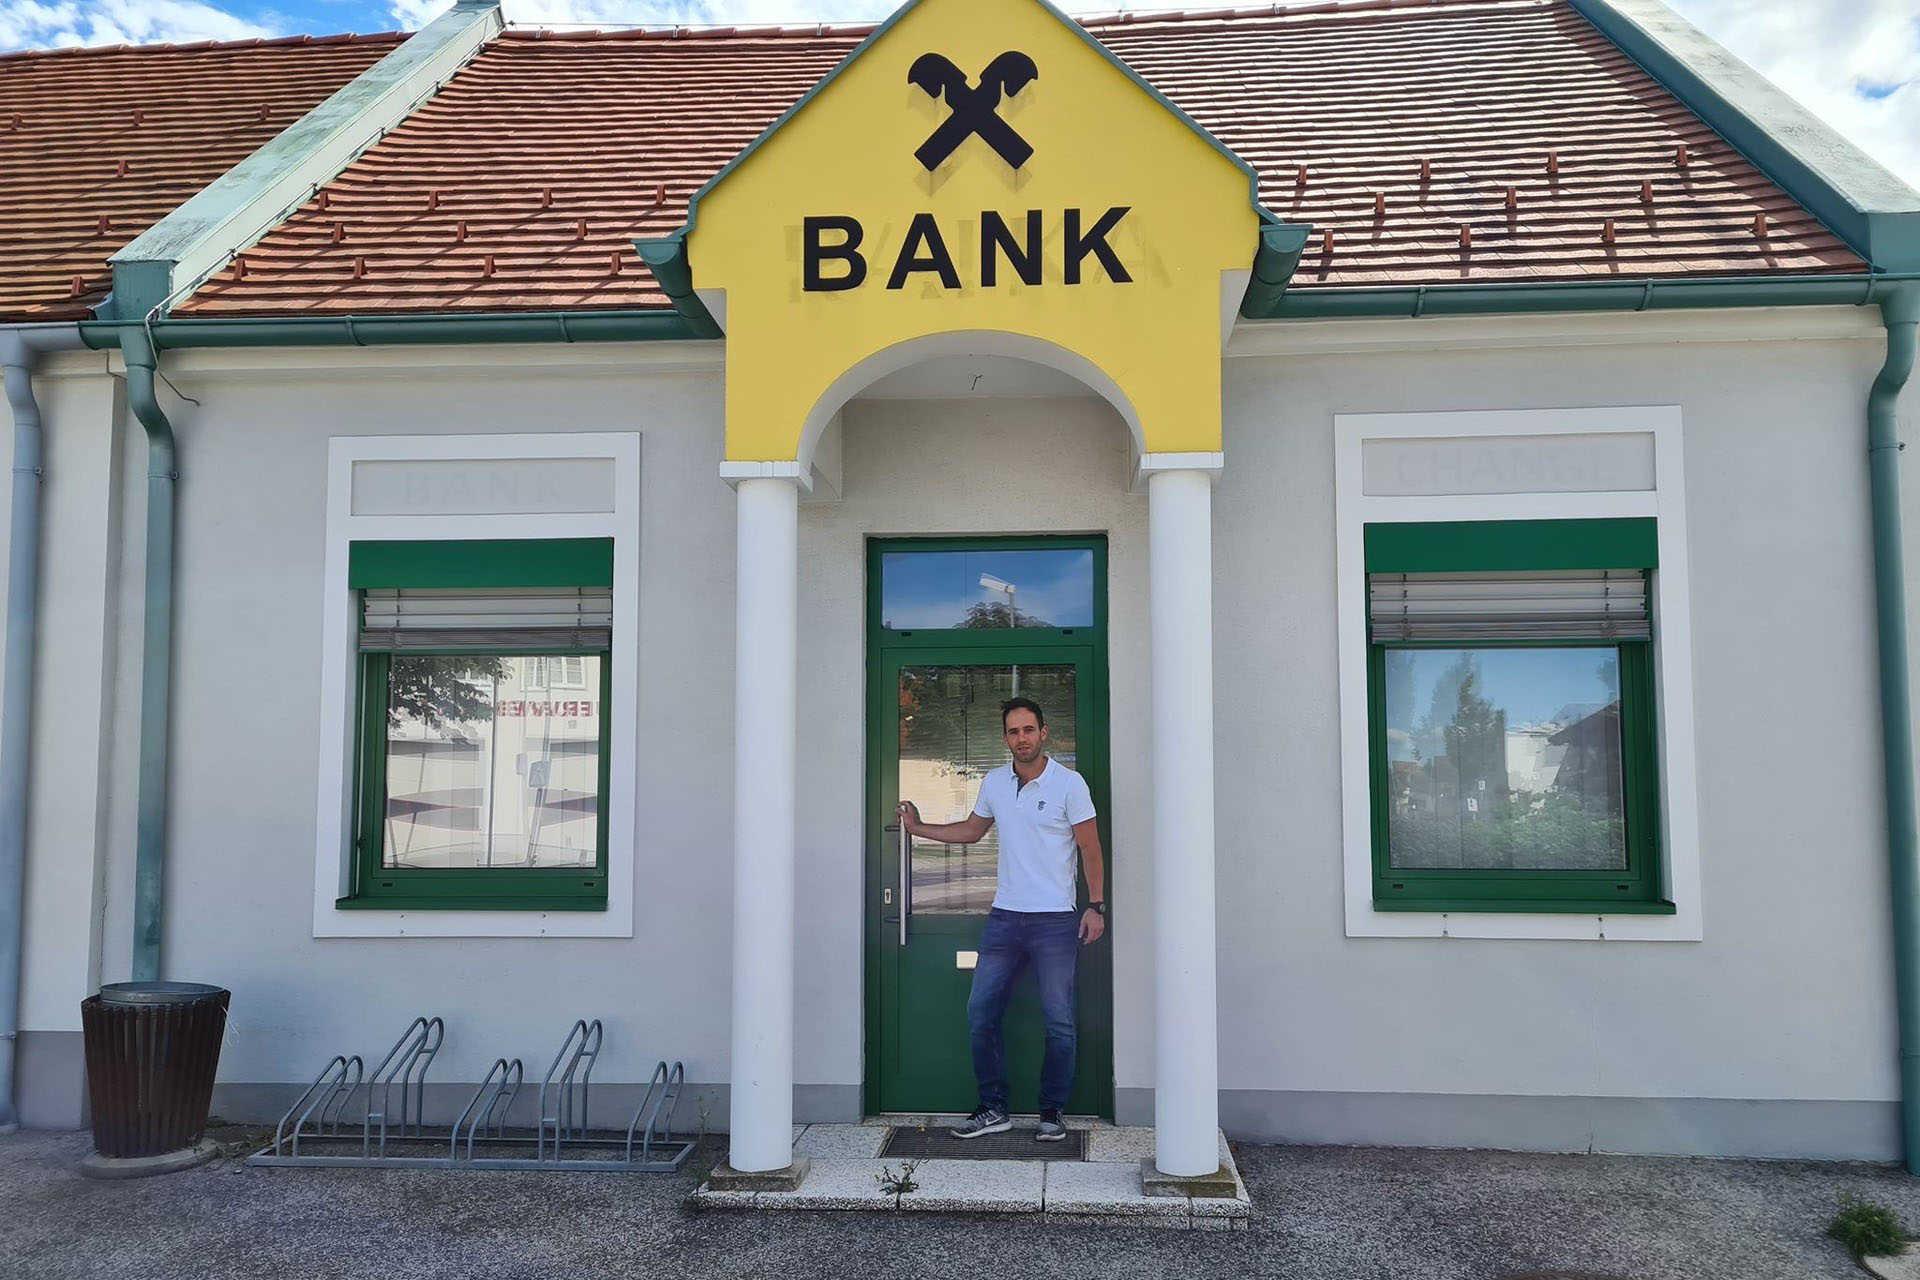 Manuel Emmer, az EMMVEST ingatlan ügyvezetője az egykori bankfiók előtt